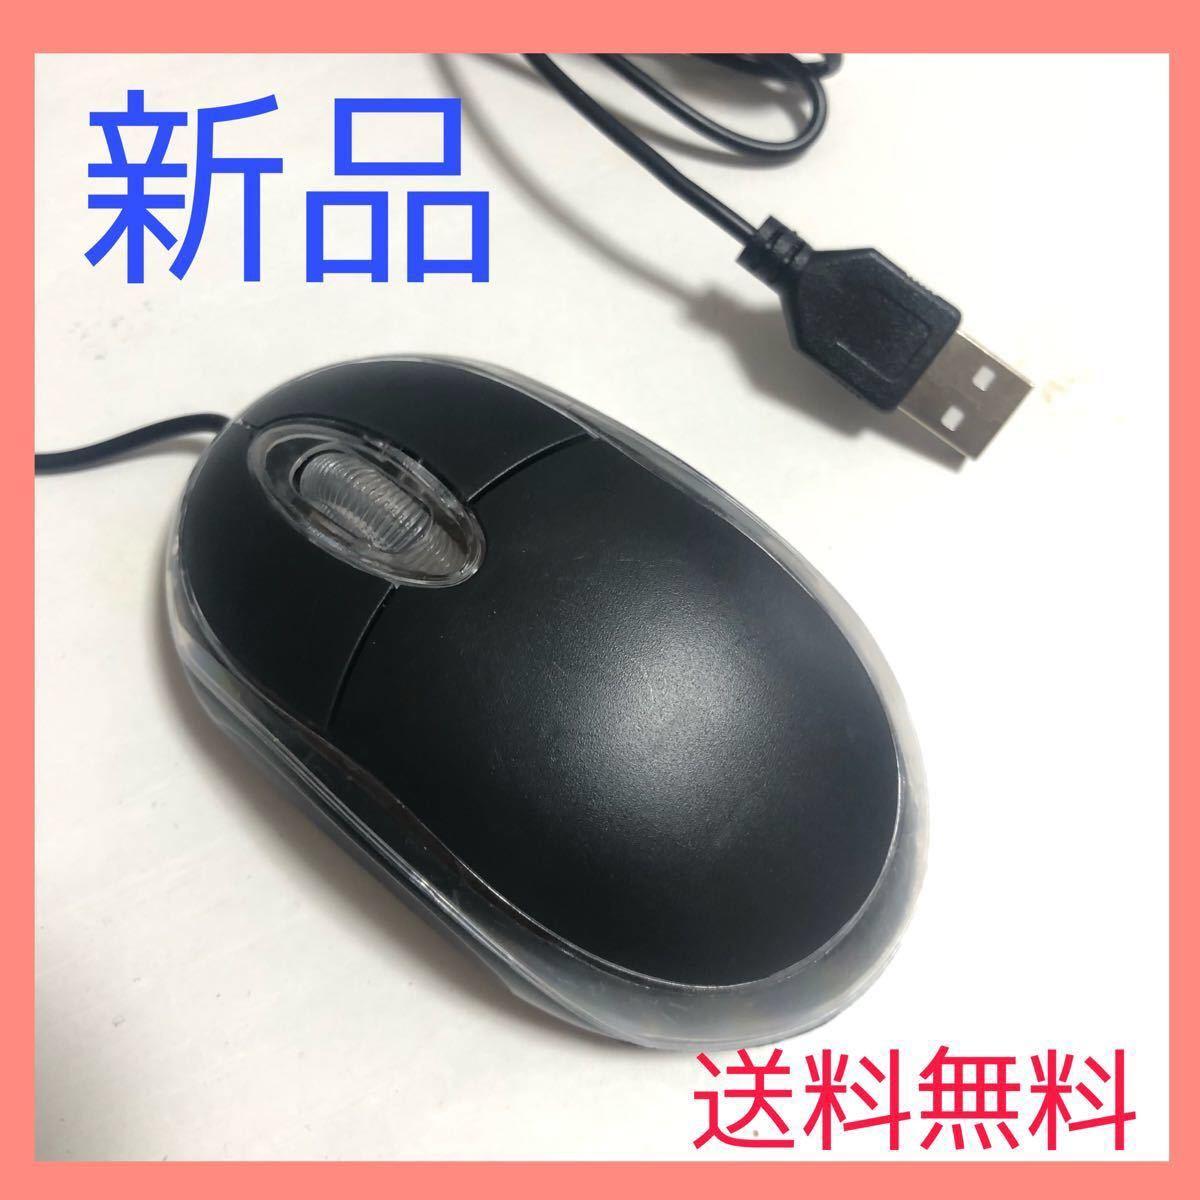 新品  USBマウス  光学式マウス レーザーマウス USB 高品質 マウス